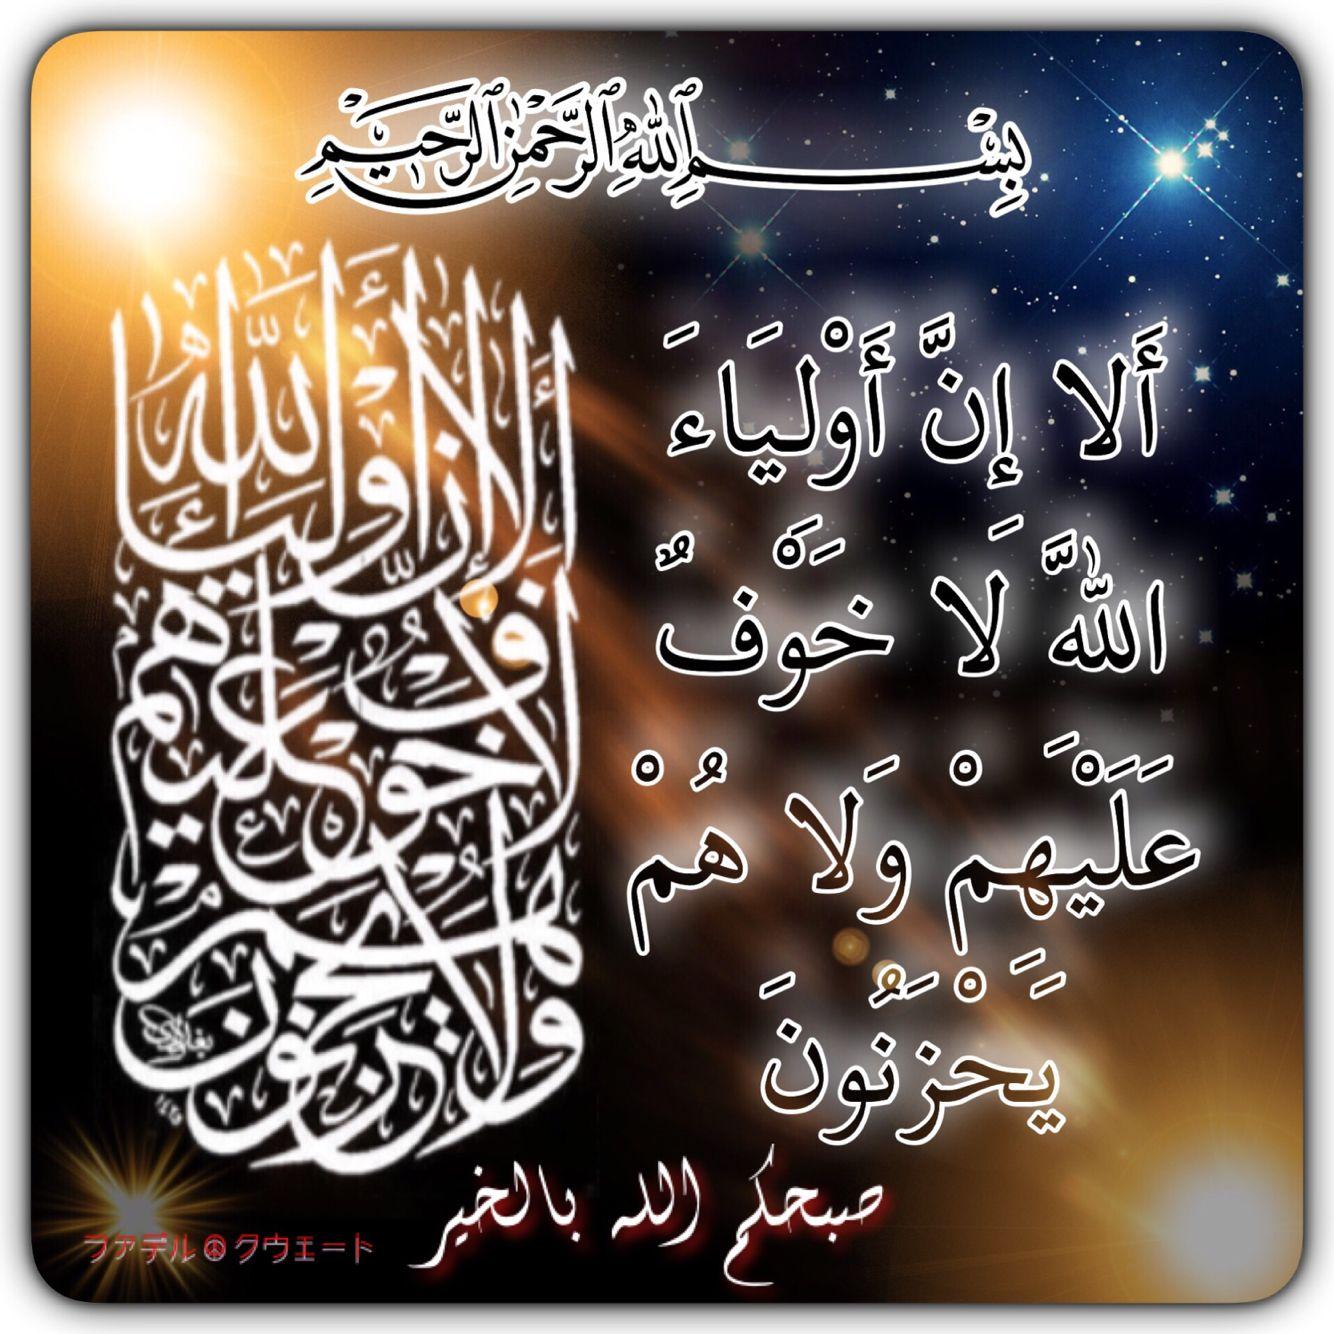 أ لا إ ن أ و ل ي اء الل ه لا خ و ف ع ل ي ه م و لا ه م ي ح ز ن ون يونس 63 Islam Quran Sufi